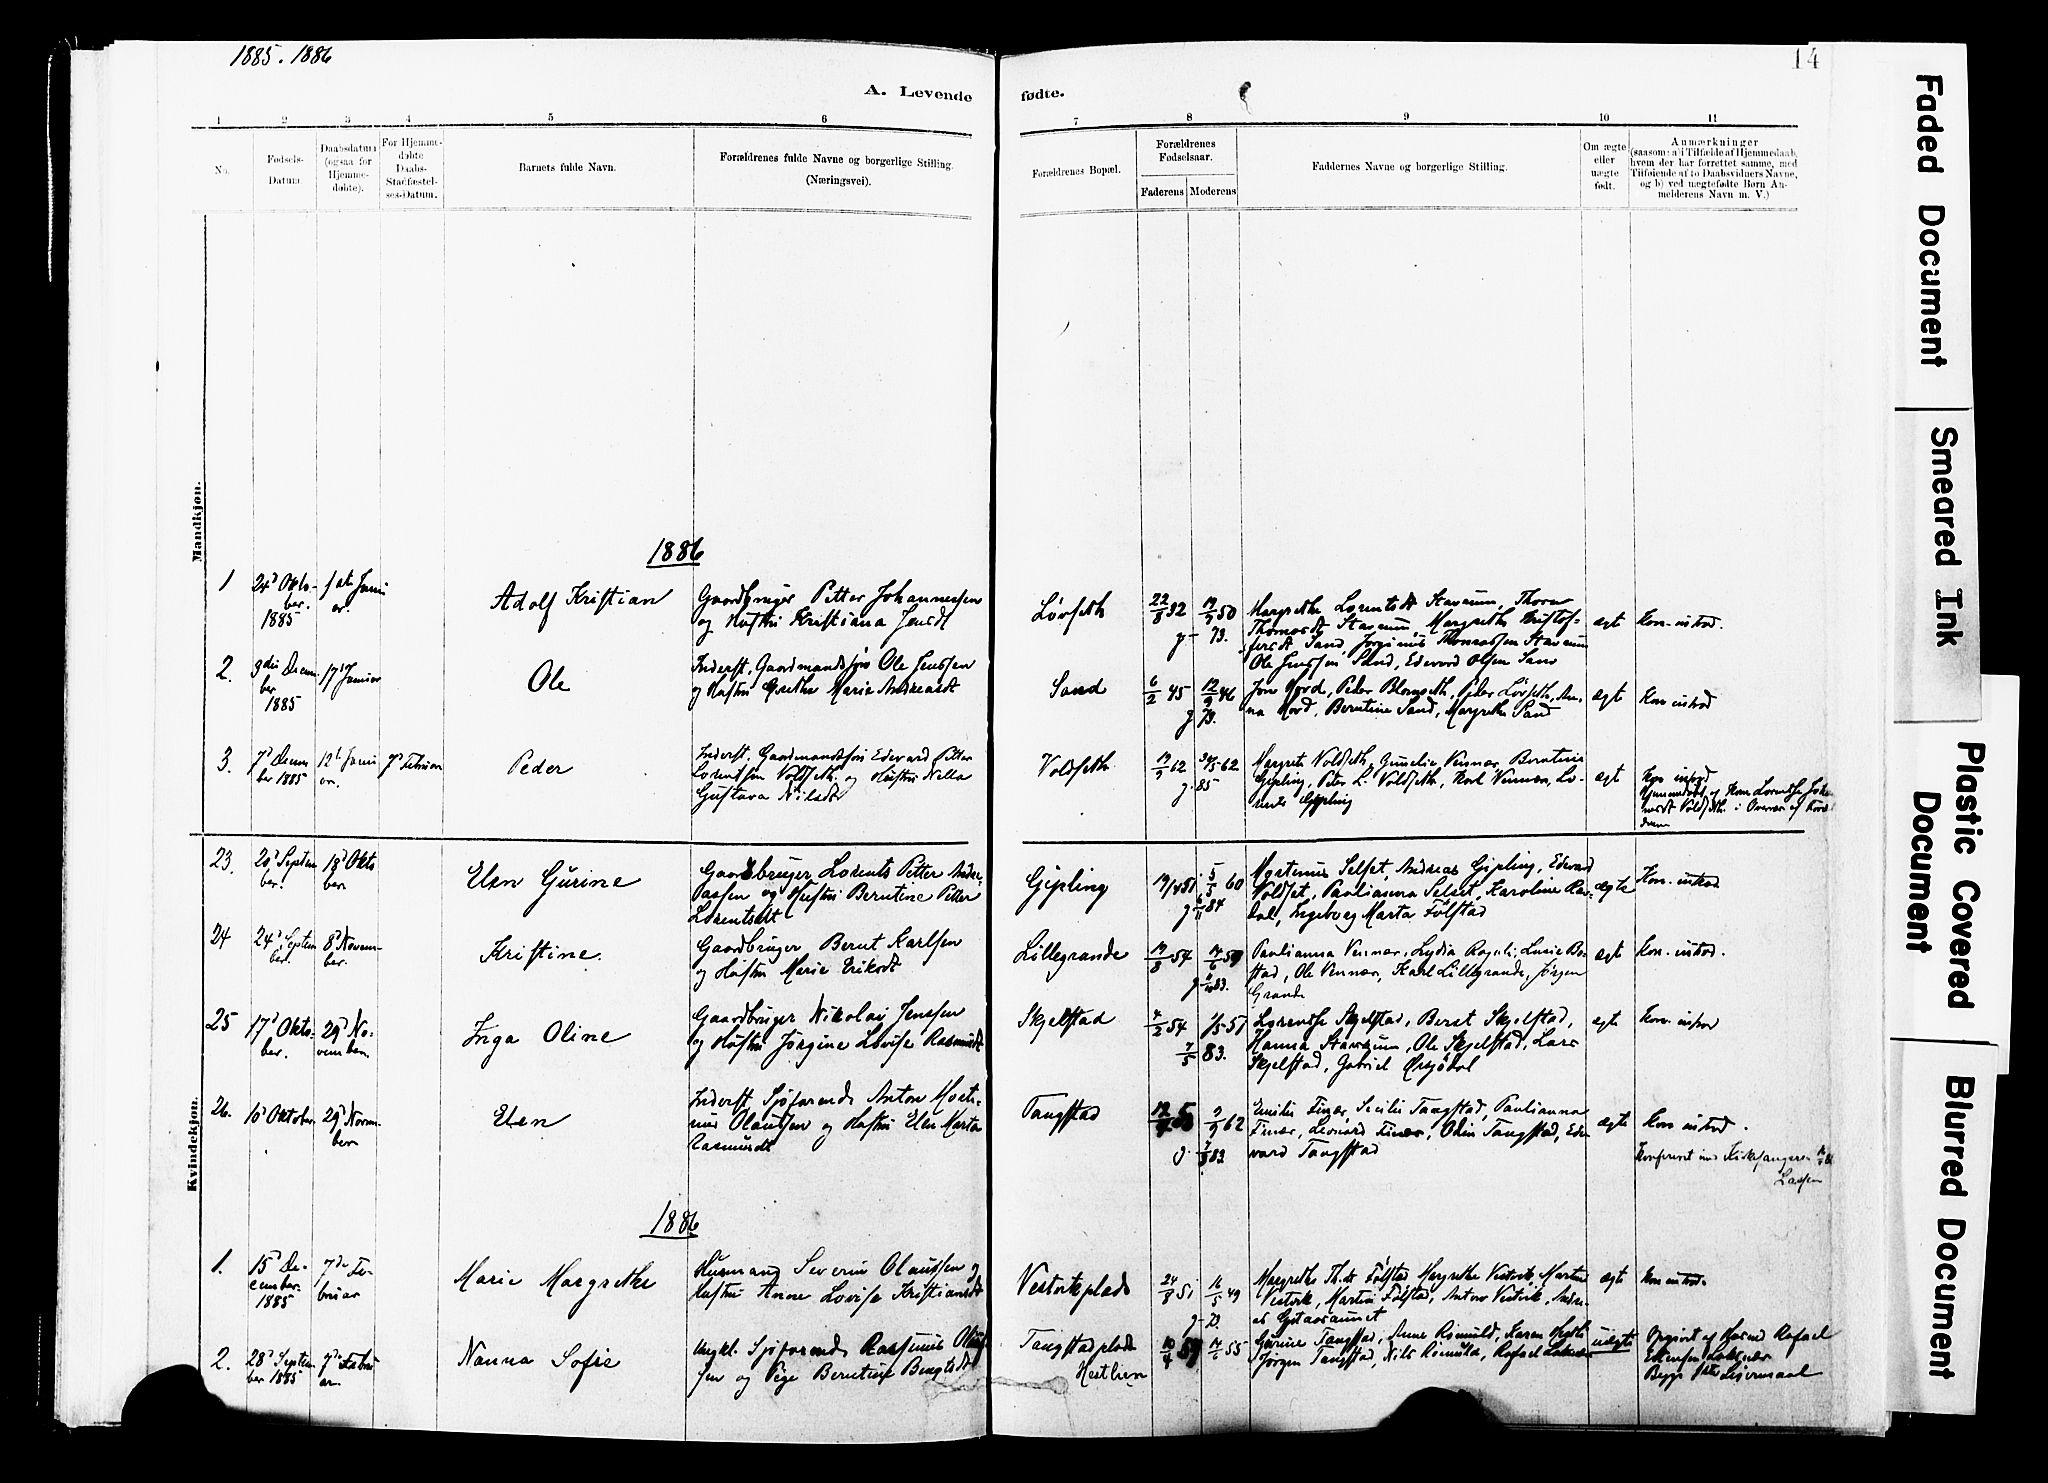 SAT, Ministerialprotokoller, klokkerbøker og fødselsregistre - Nord-Trøndelag, 744/L0420: Ministerialbok nr. 744A04, 1882-1904, s. 14